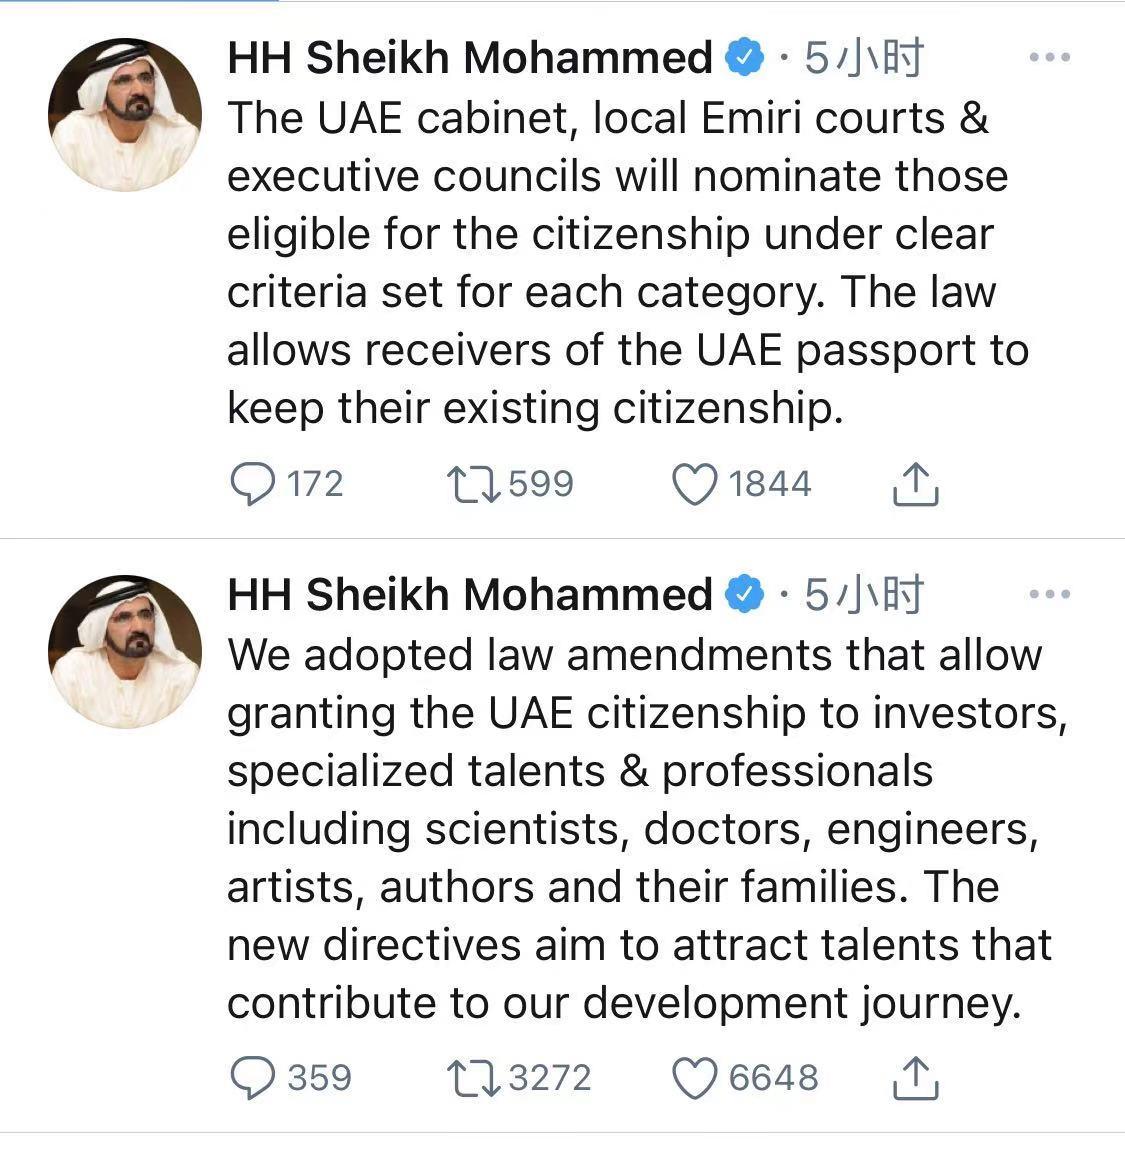 阿联酋将给予符合条件的外国投资者和专业人士公民权